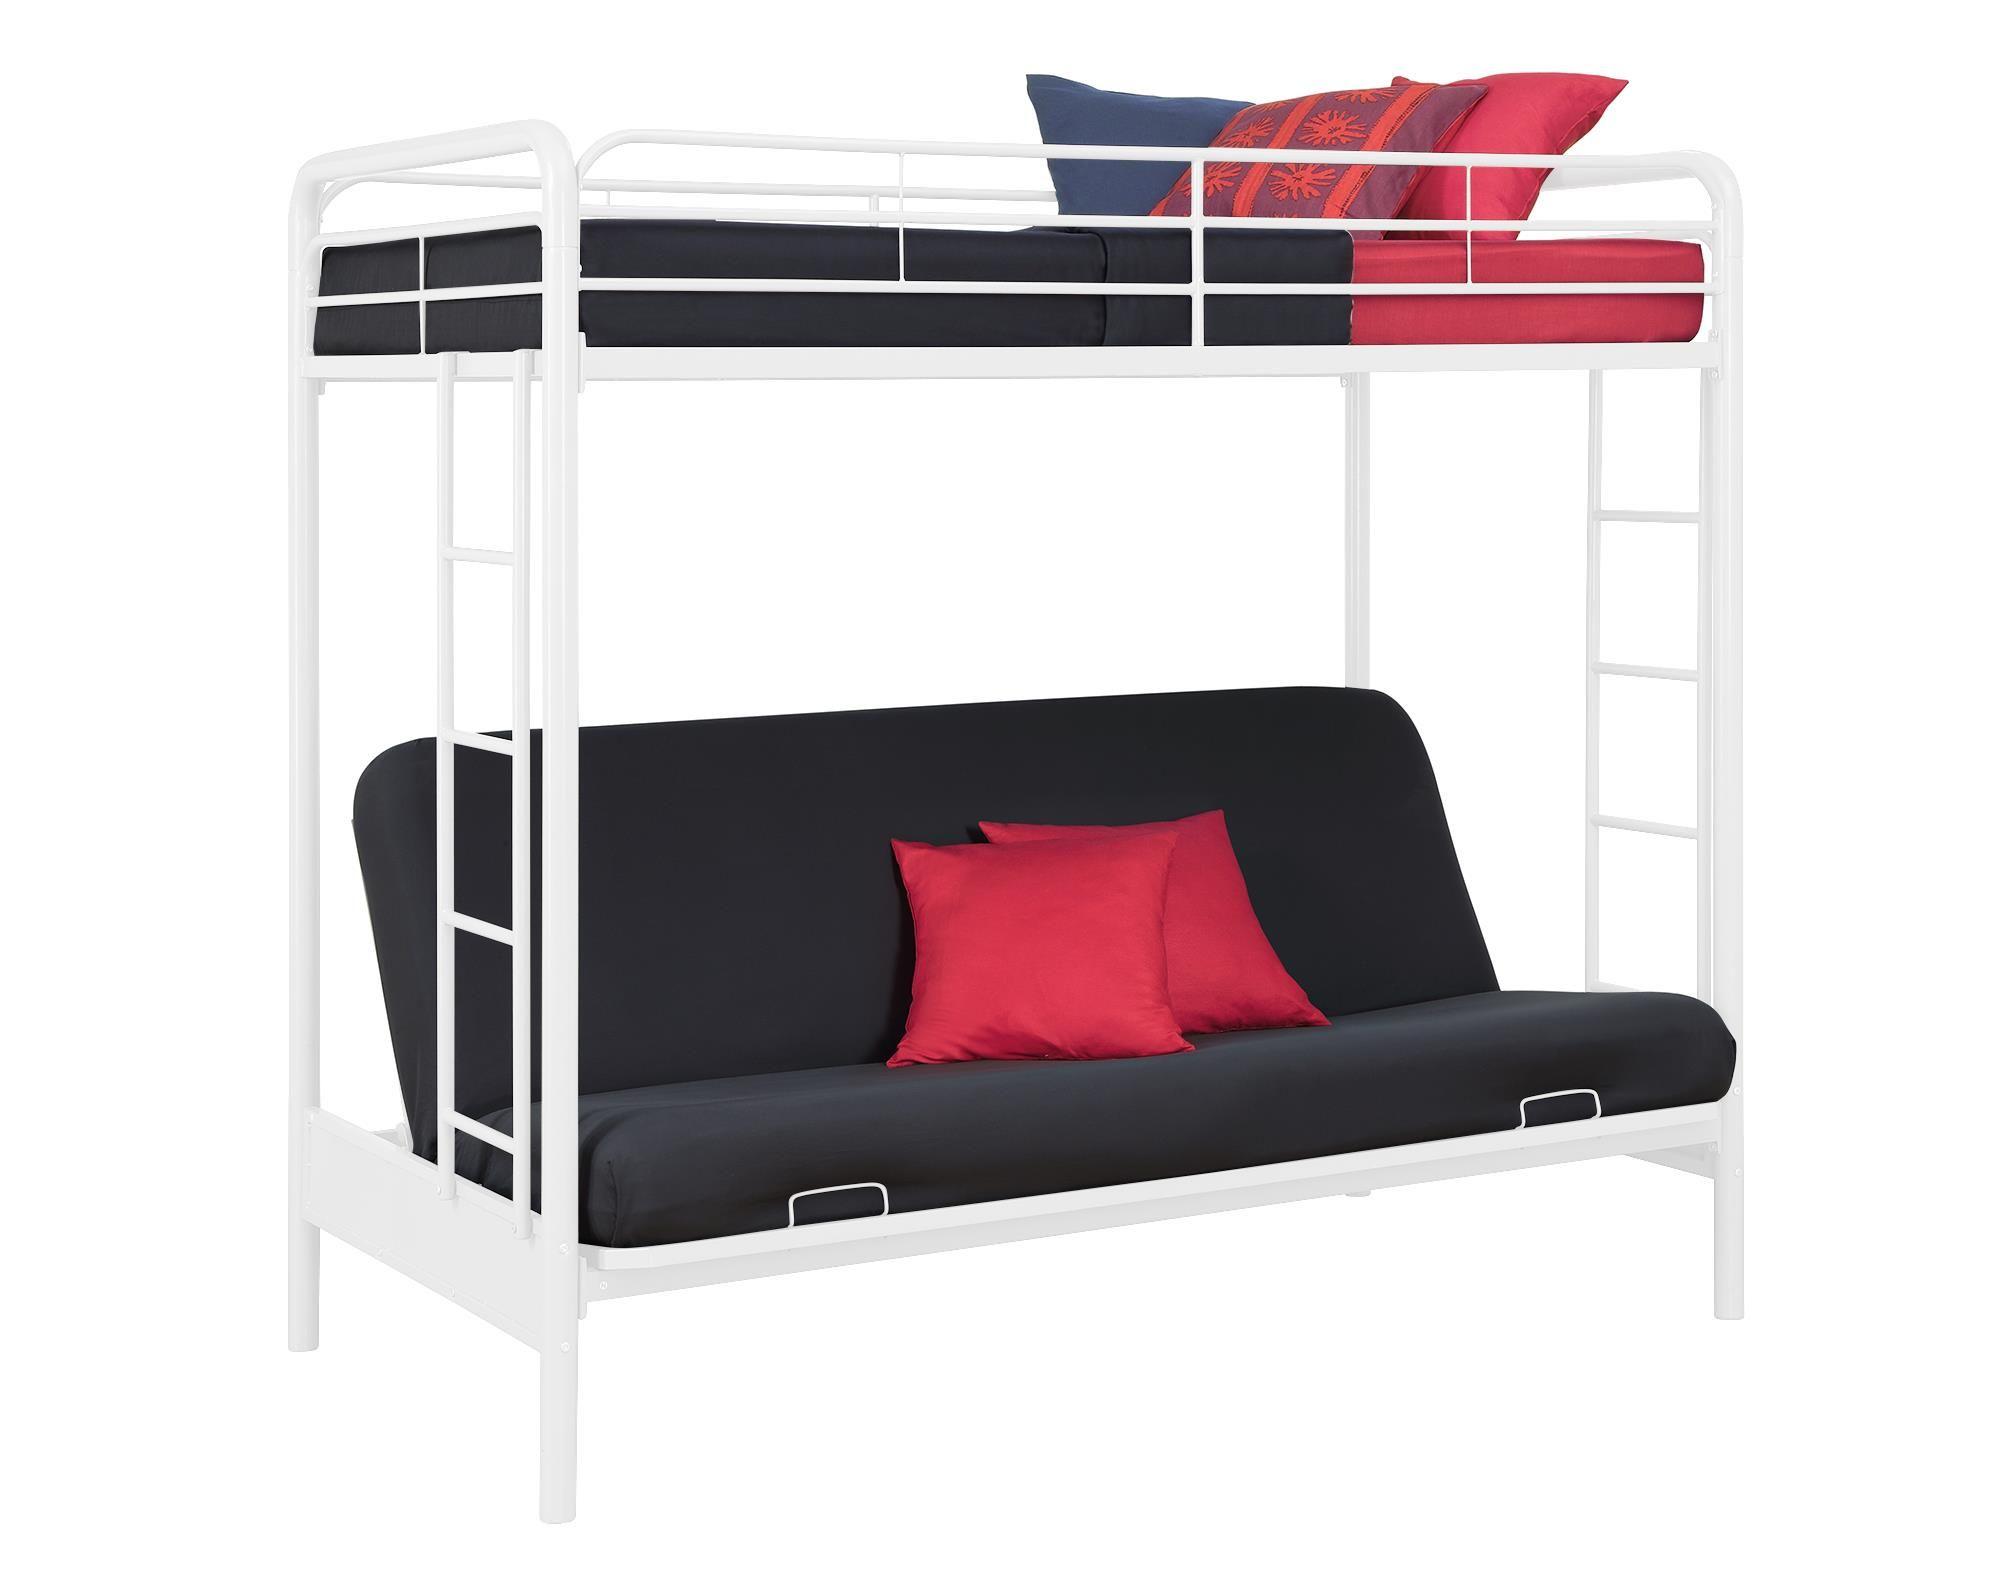 Etagenbett Metall Mit Couch : Etagenbett mit futon couch u2013 auswahl